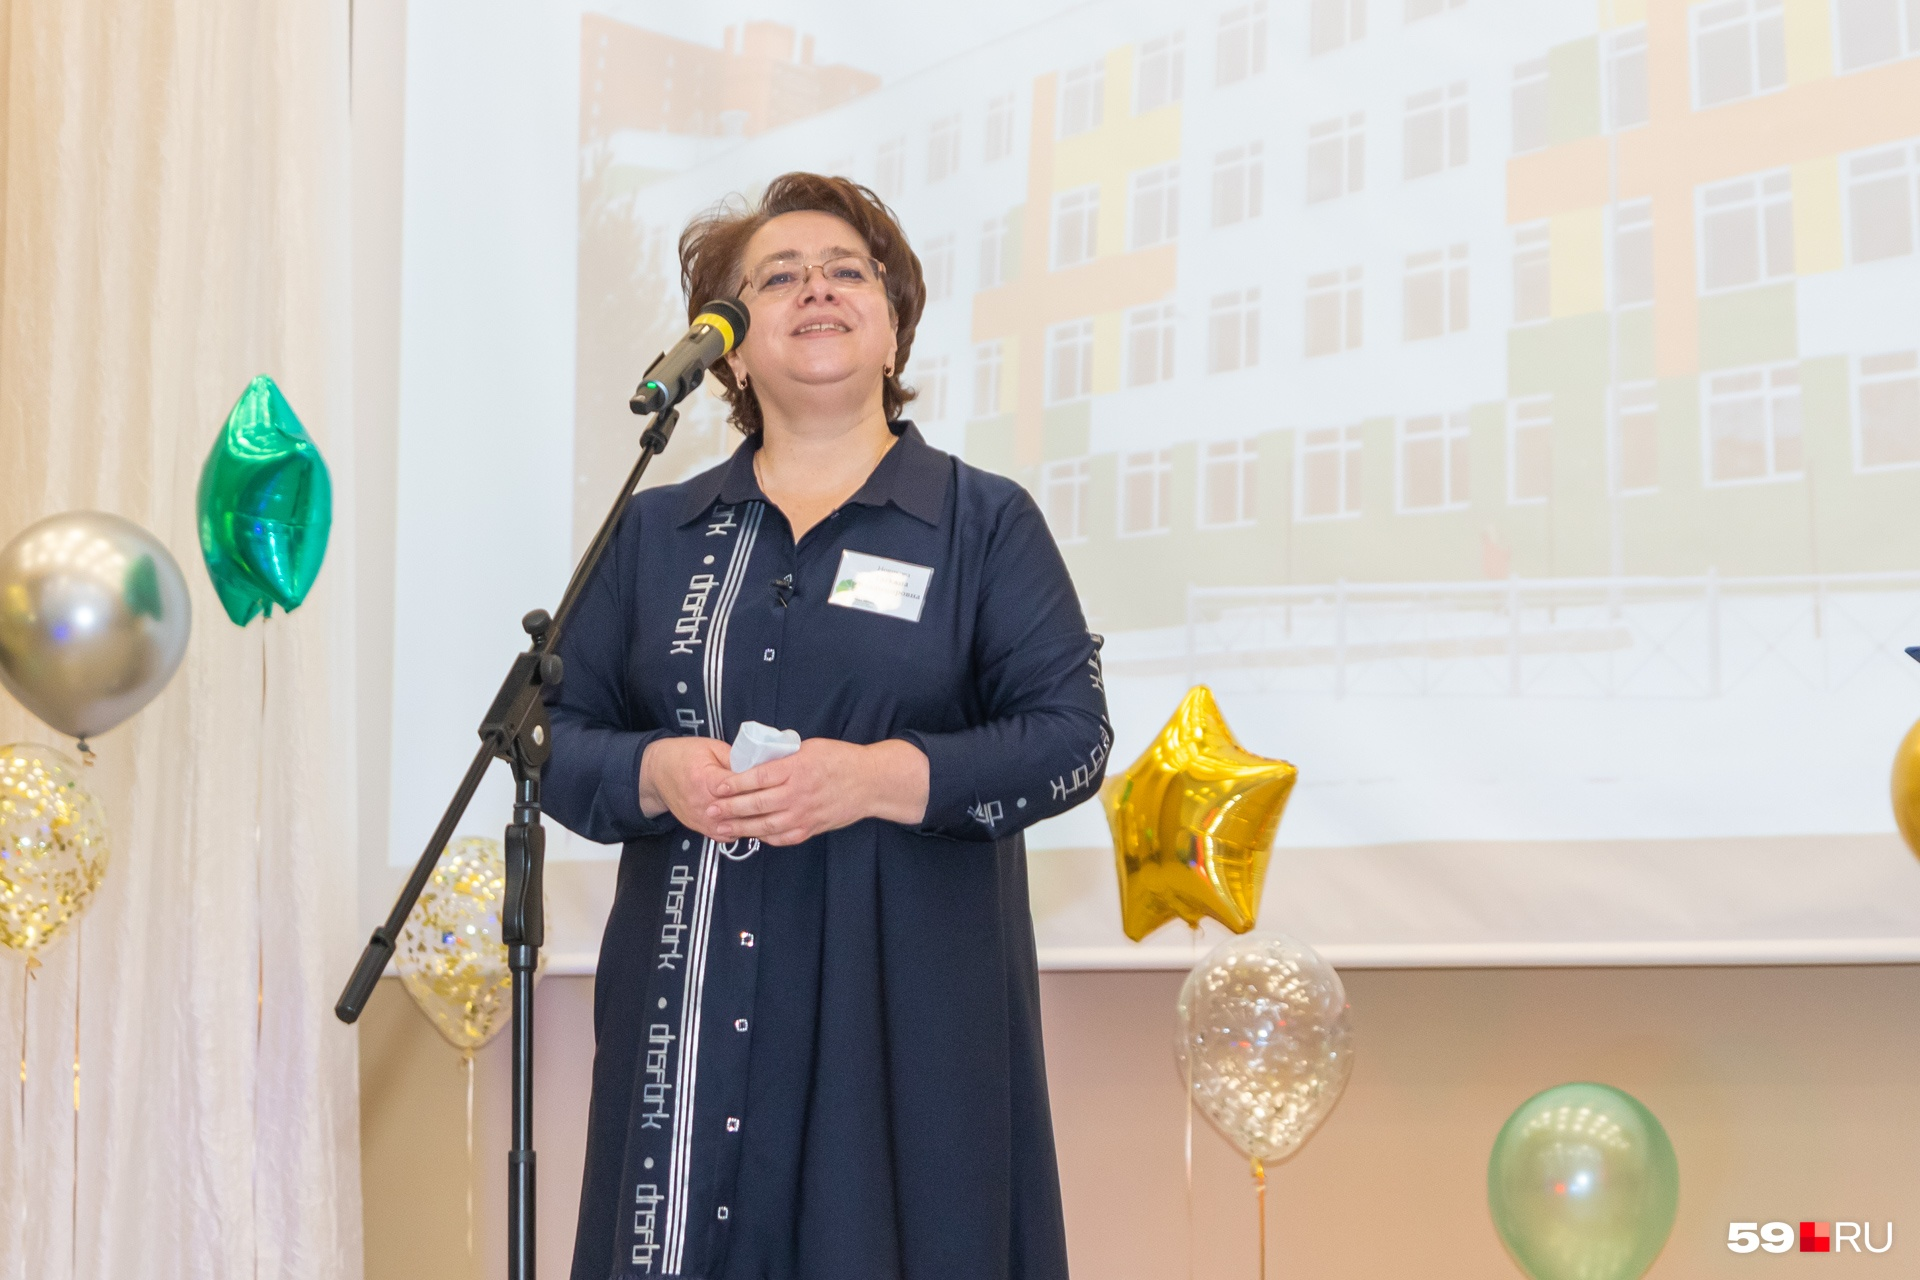 Выпускница и директор школы Татьяна Новикова выступила с приветственной речью